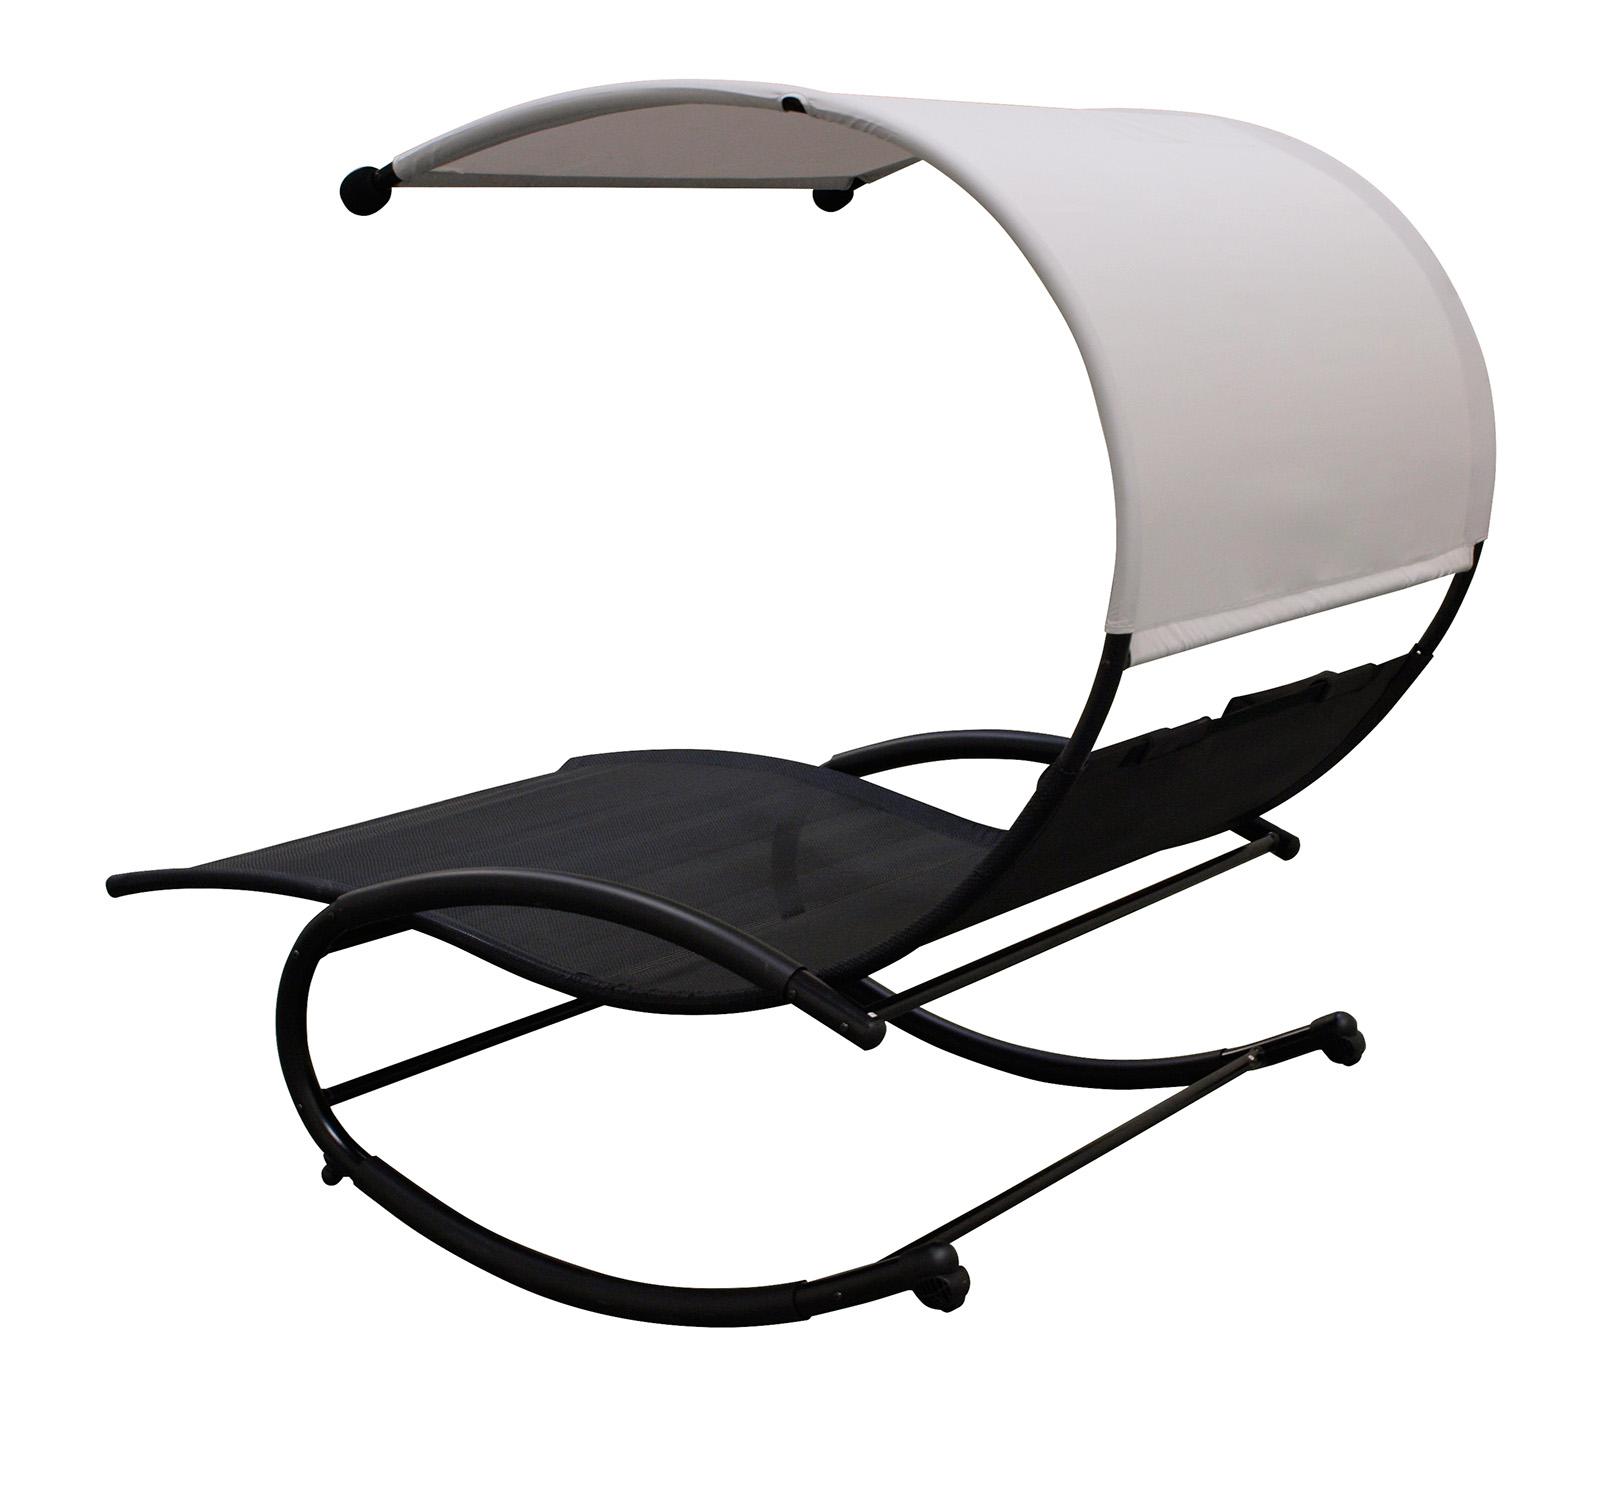 schaukelliege liegebett sonnenliege ravenna f r 2 personen. Black Bedroom Furniture Sets. Home Design Ideas